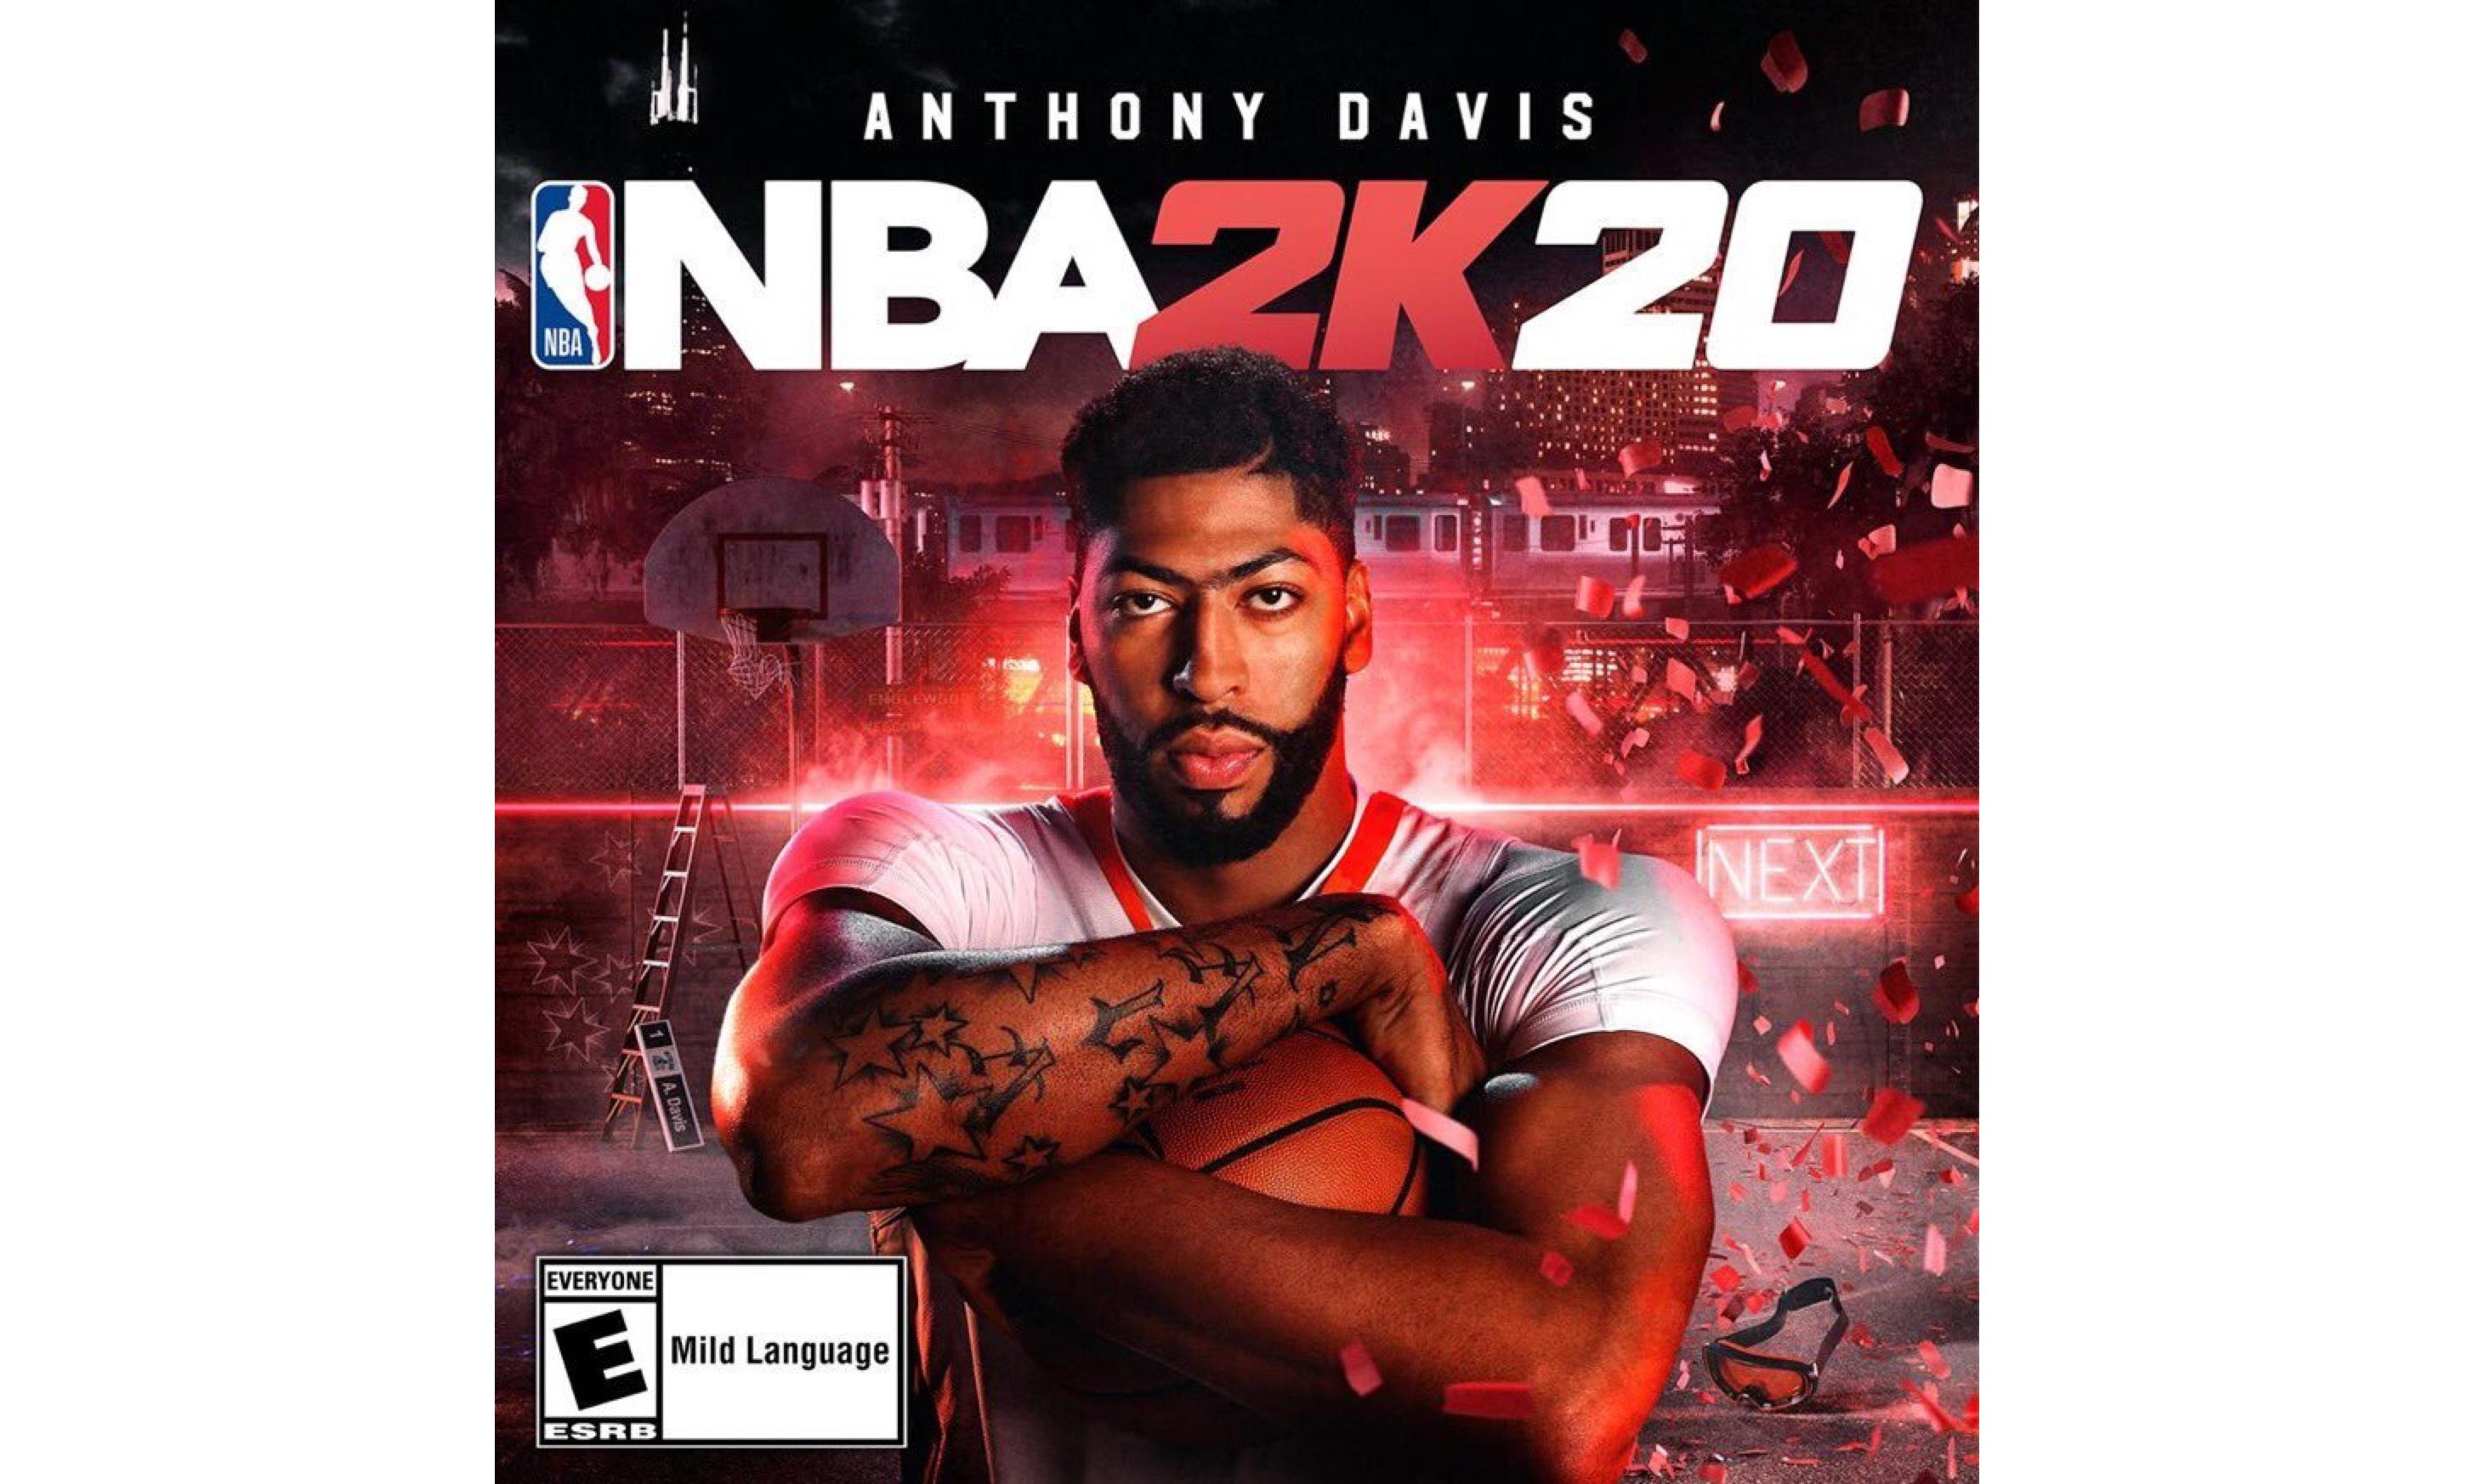 安东尼·戴维斯成为 NBA 2K20 封面代言人